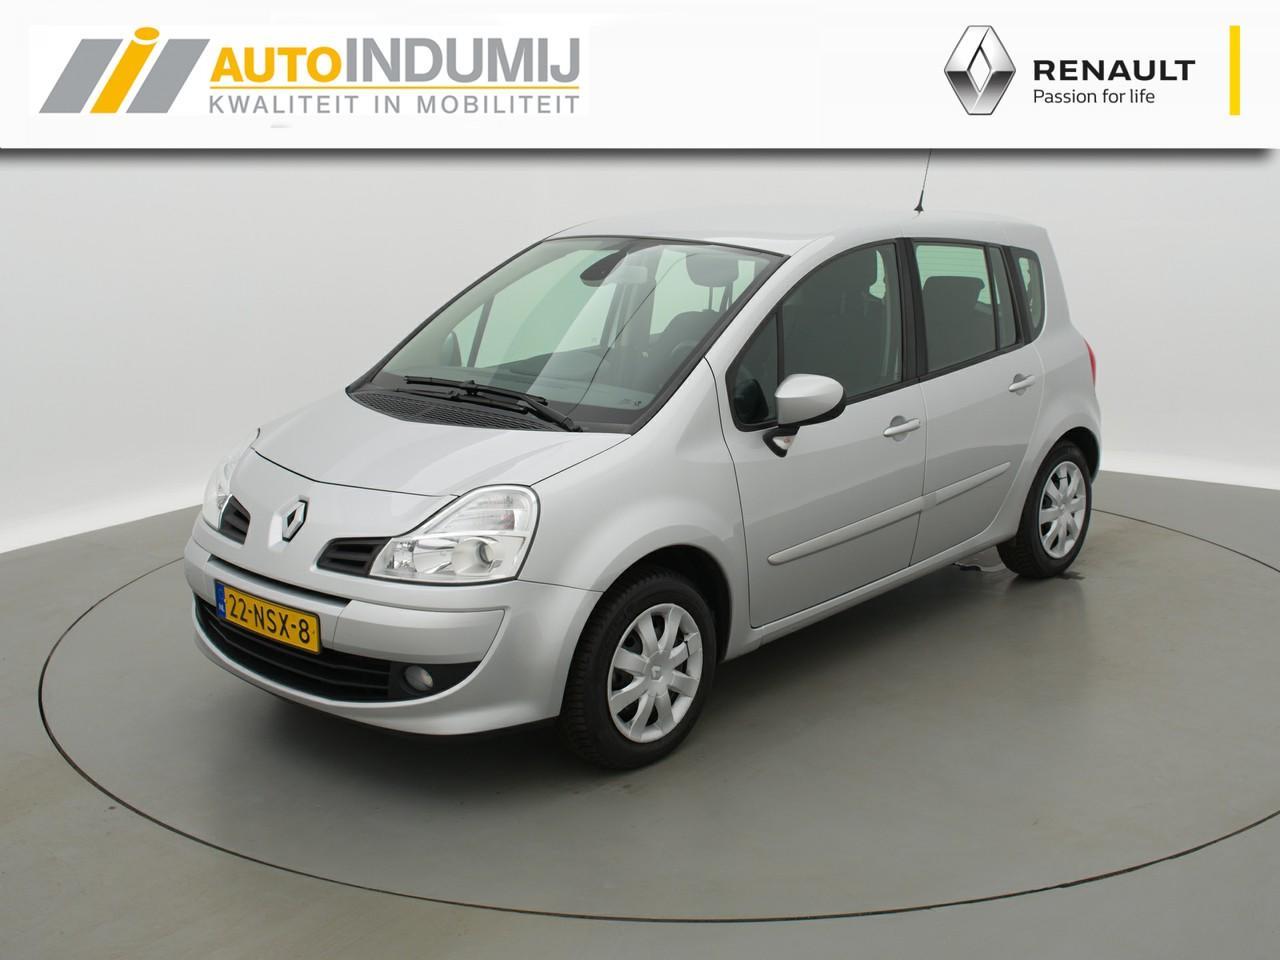 Renault Grand modus Tce 100 dynamique / climate control / trekhaak!